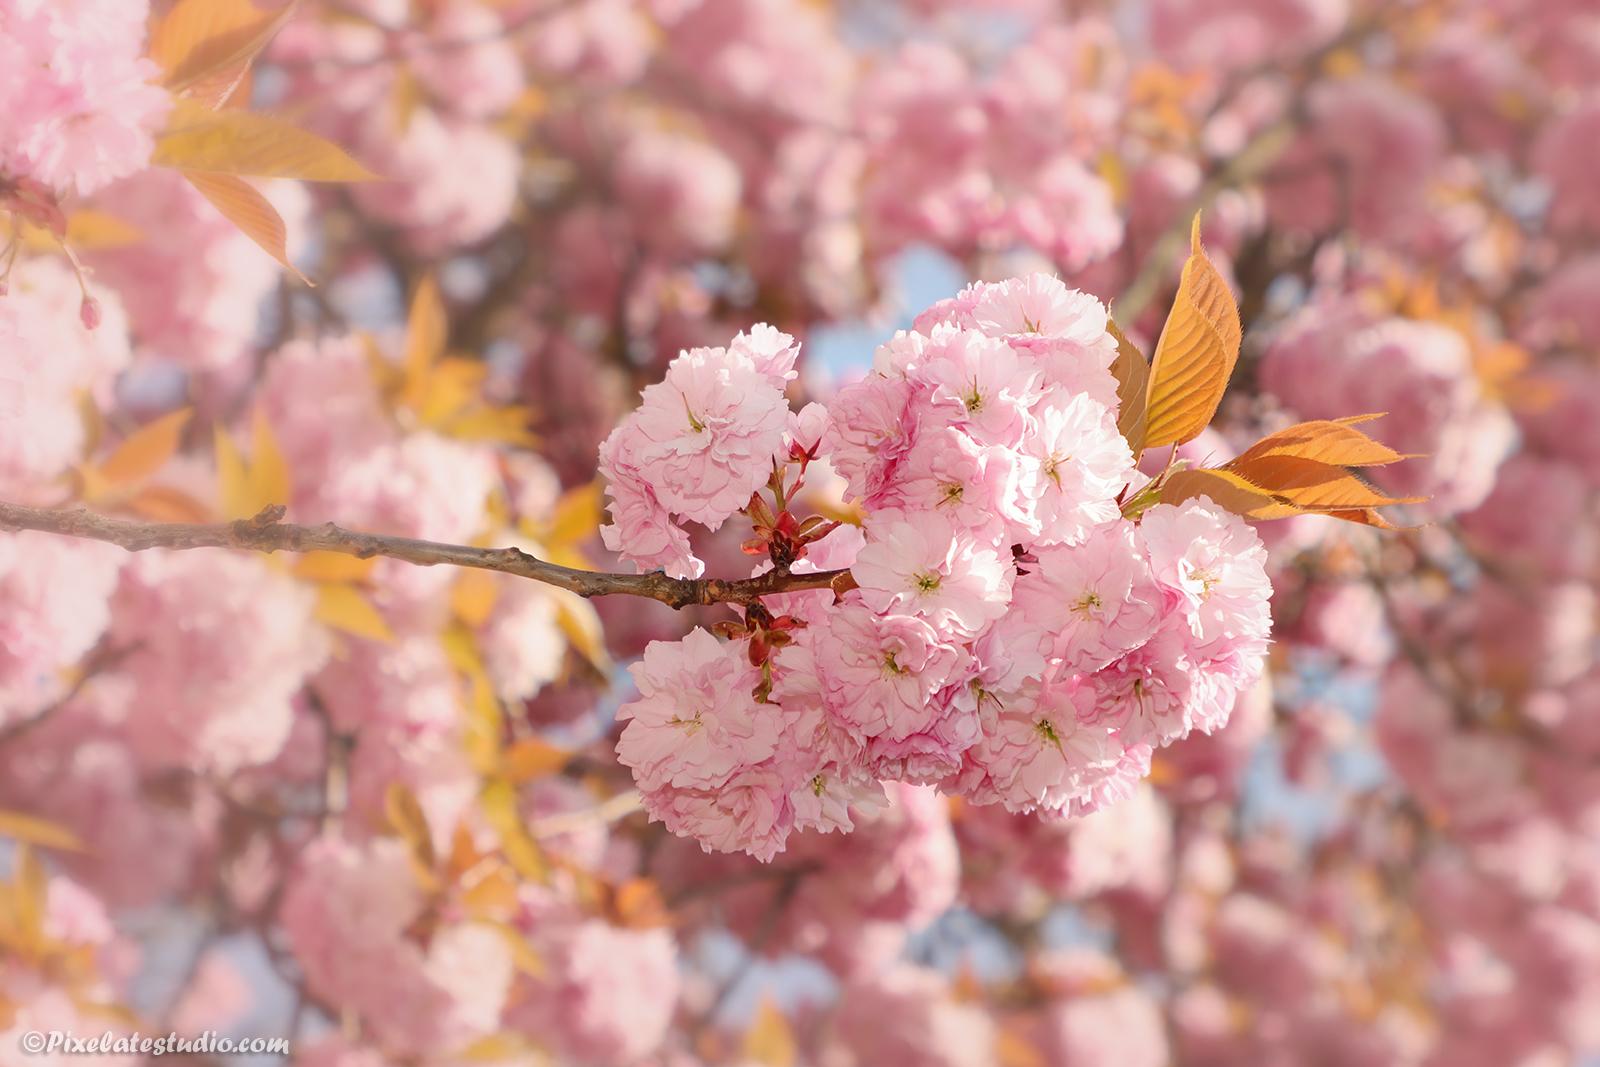 mooie Bloesem foto van roze bloesem in het voorjaar